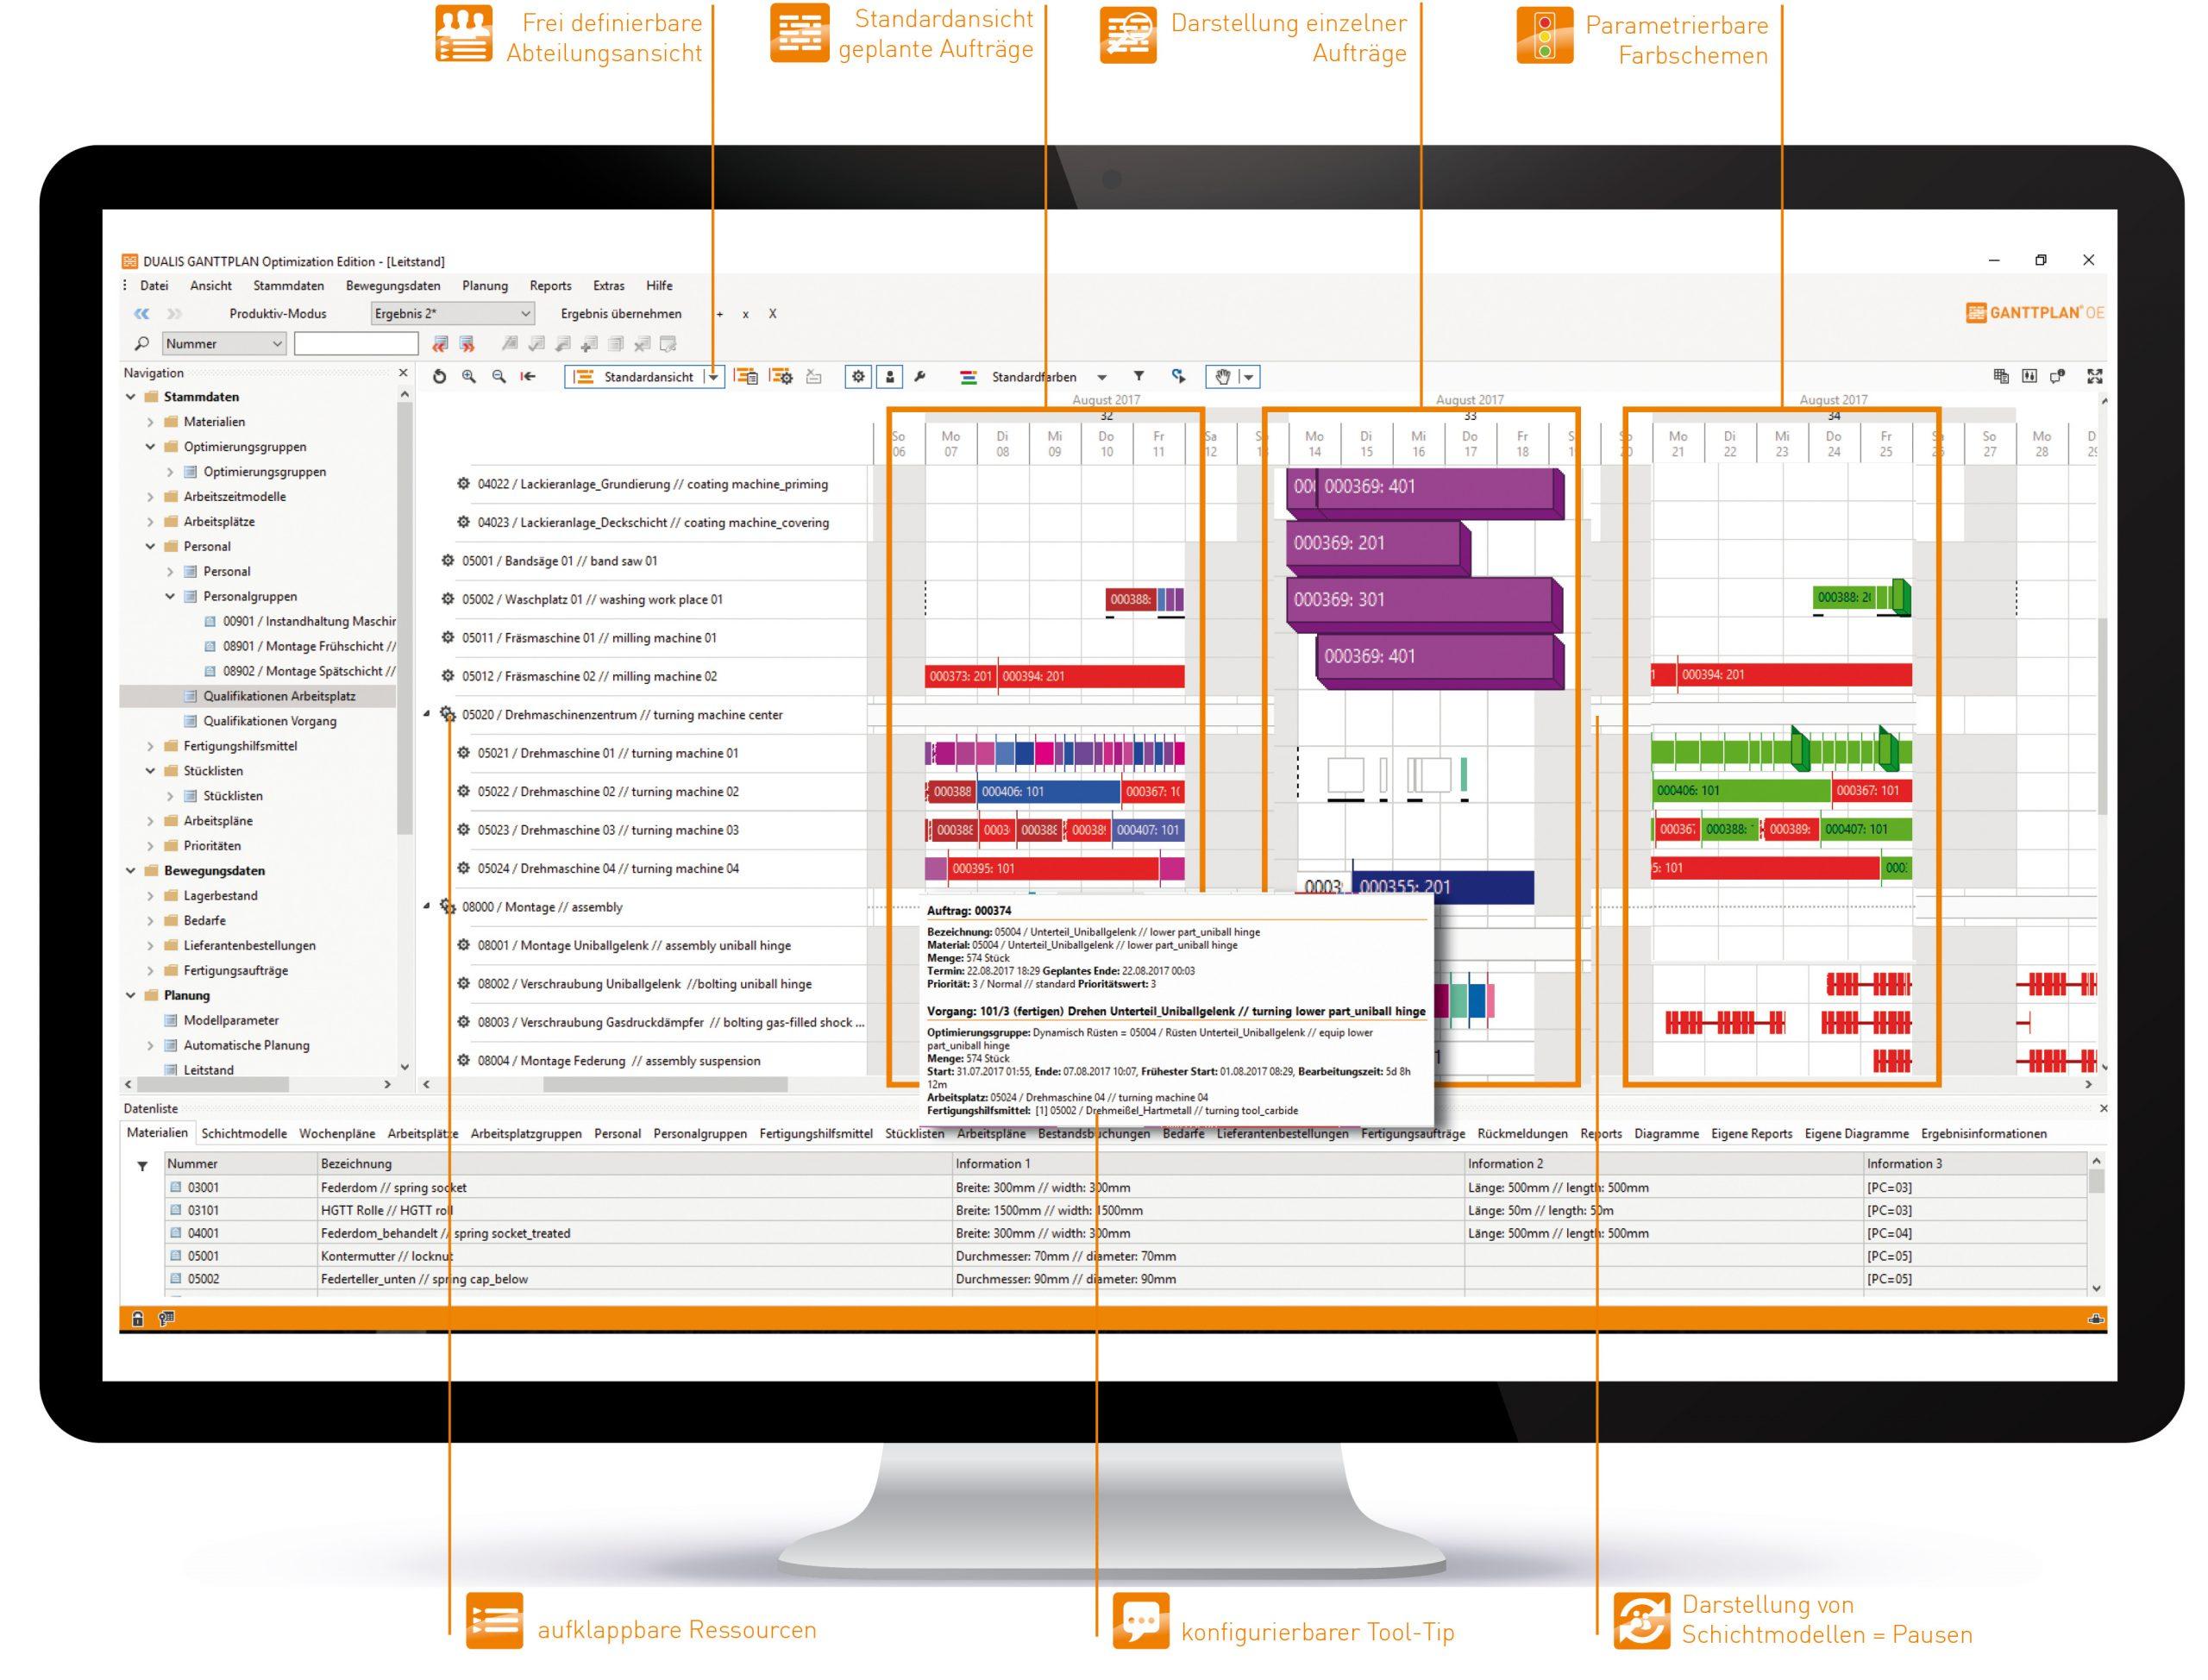 Feinplanungssoftware hilft, Probleme früh zu erkennen und passende Gegenmaßnahmen abzuleiten. (Bild: Dualis GmbH IT Solution)